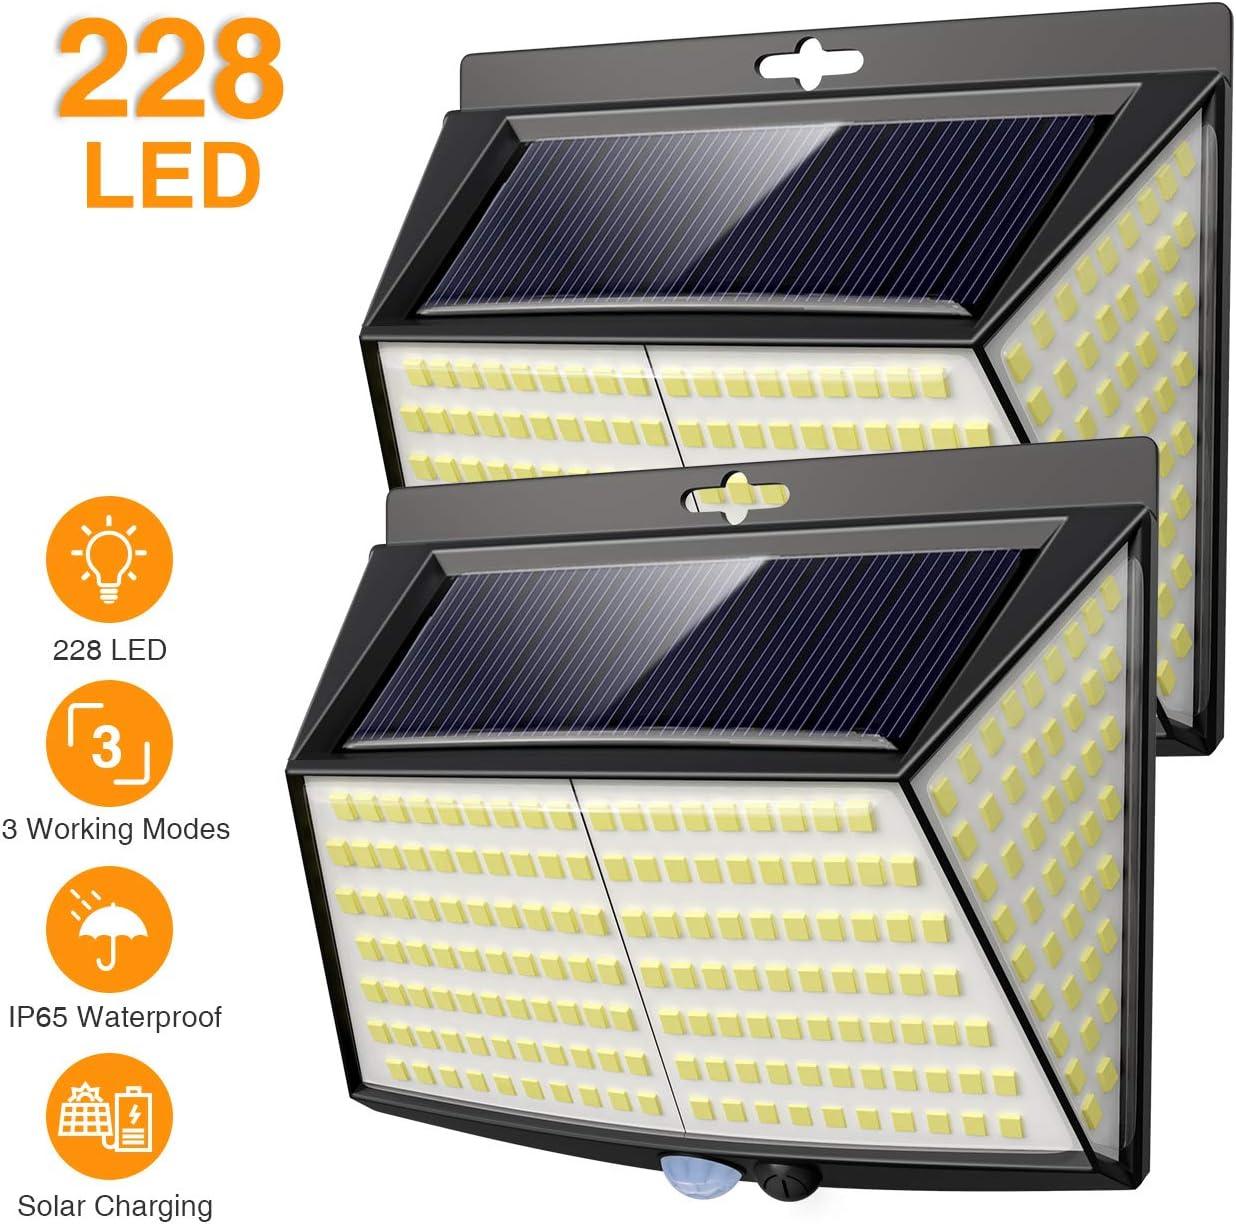 Vighep Luz Solar Exterior 228 LED,【2 Pack / 3 Modos】270 °lluminación Focos Solares Exterior con Sensor de Movimiento Impermeable Luces Solares LED Exterior Jardin [Clase de eficiencia energética A+++]